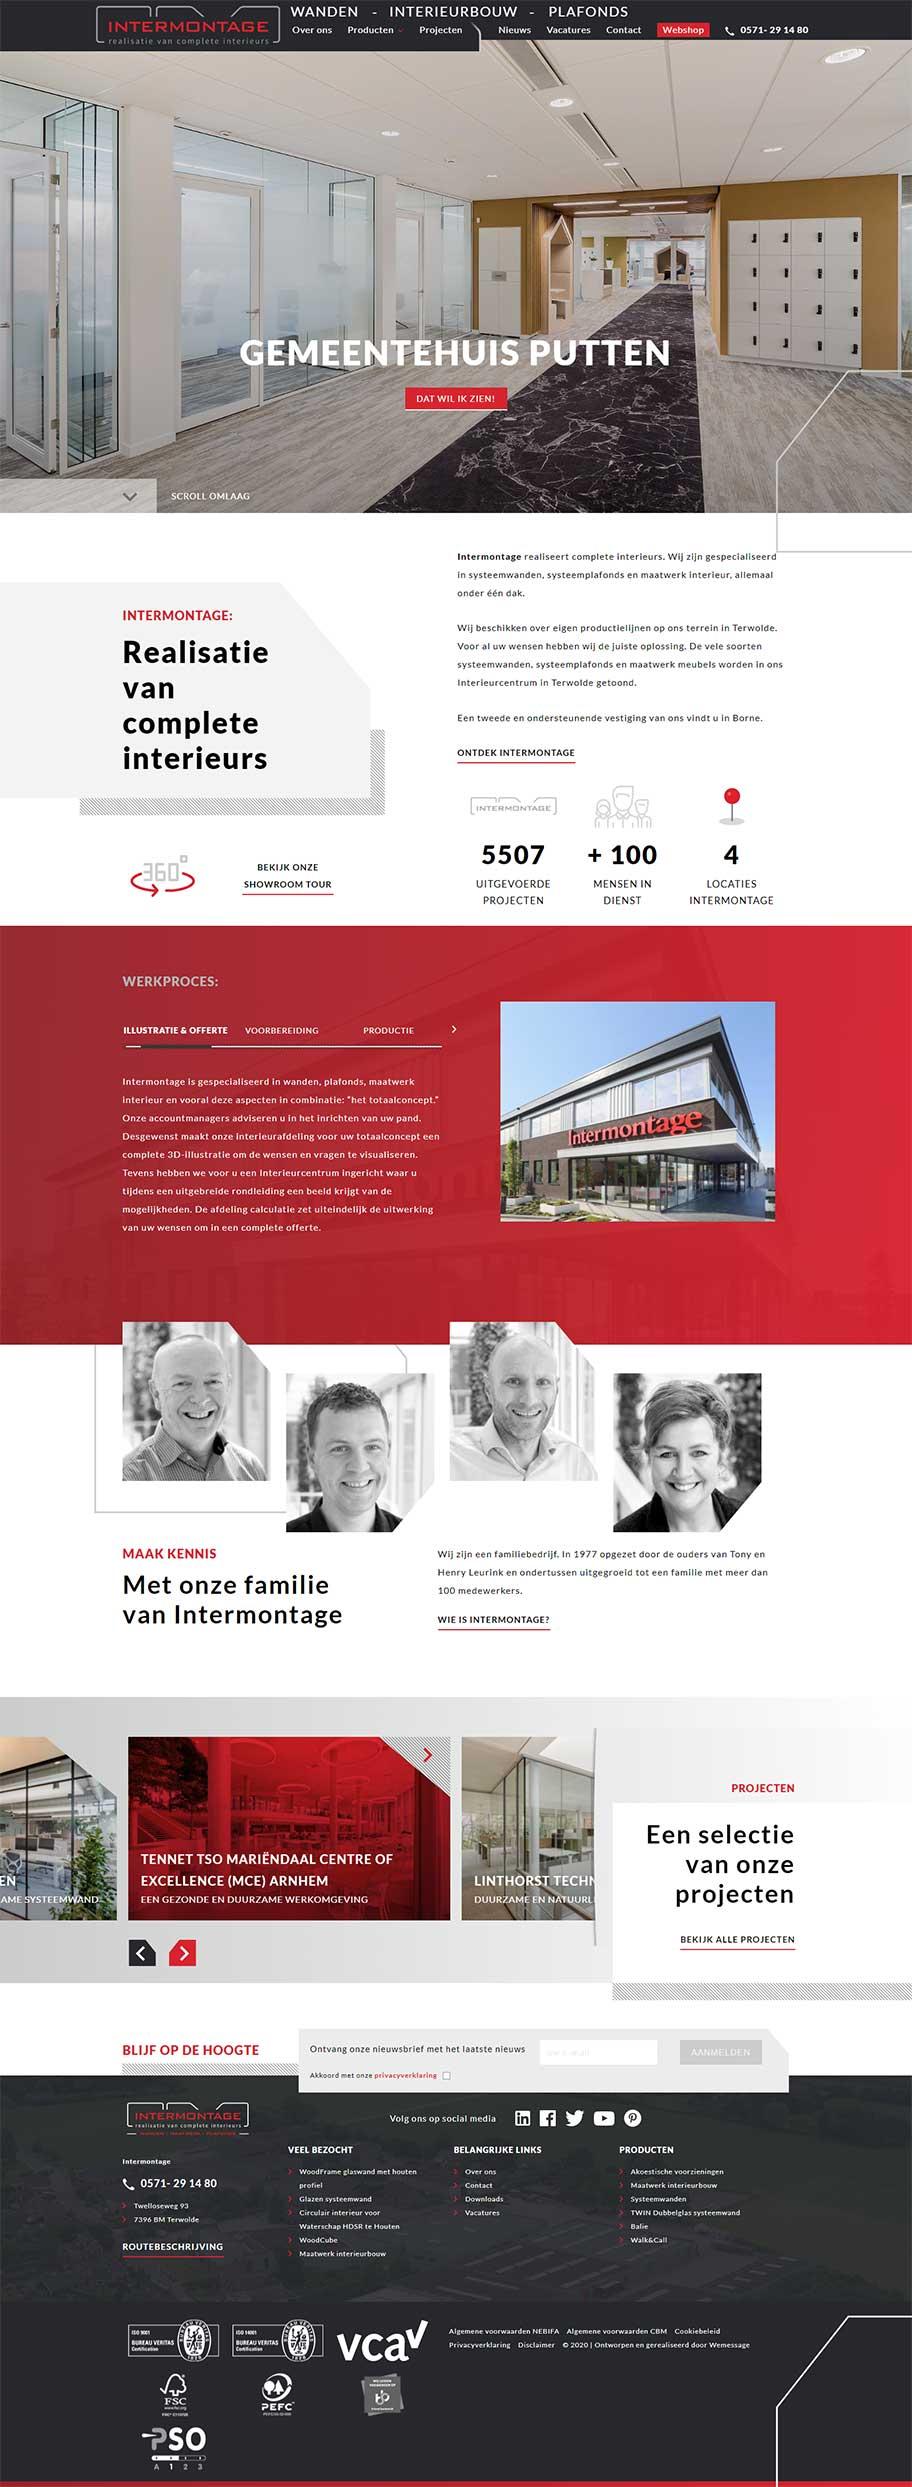 Intermontage website voorbeeld op desktop formaat